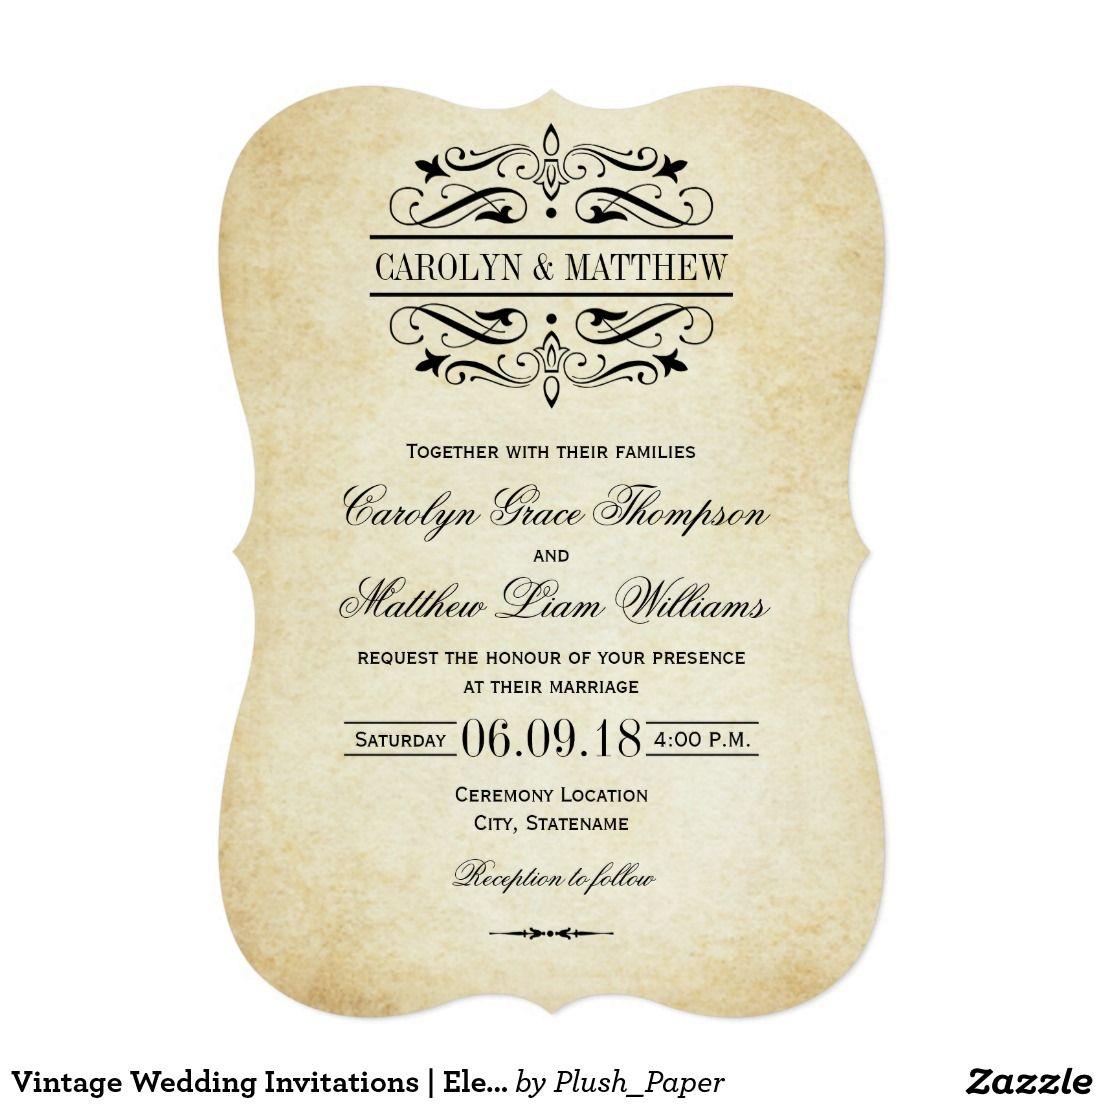 Vintage Wedding Invitations | Elegant Flourish | WEDDING Invitations ...